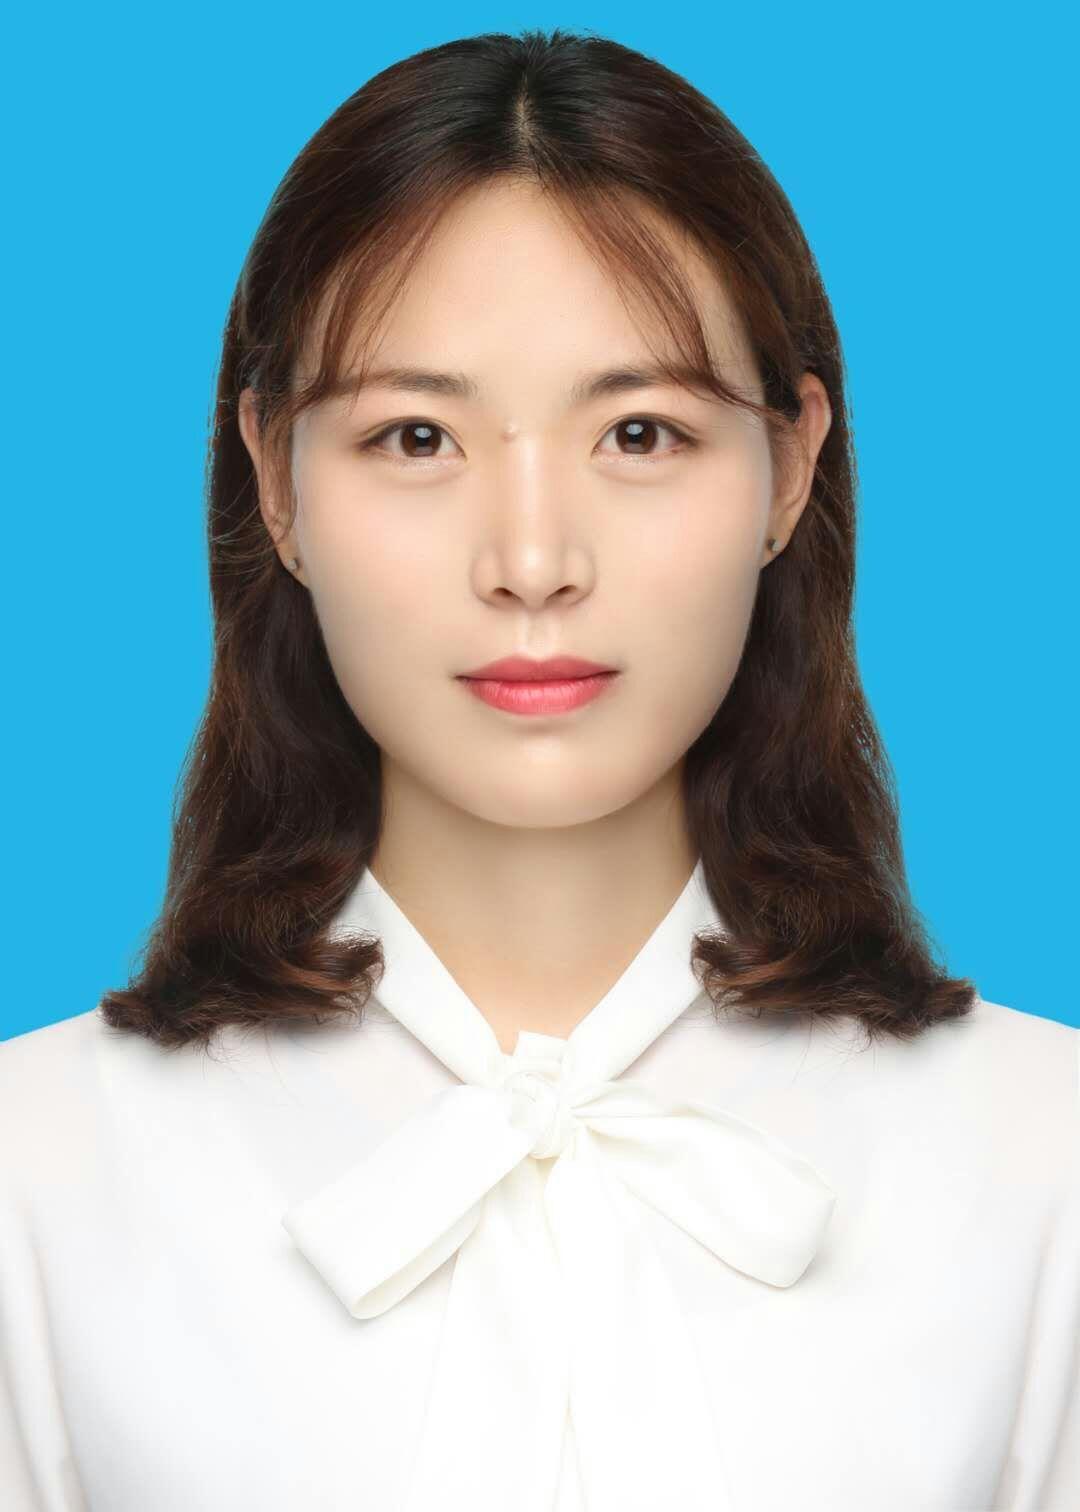 洛阳家教韩教员